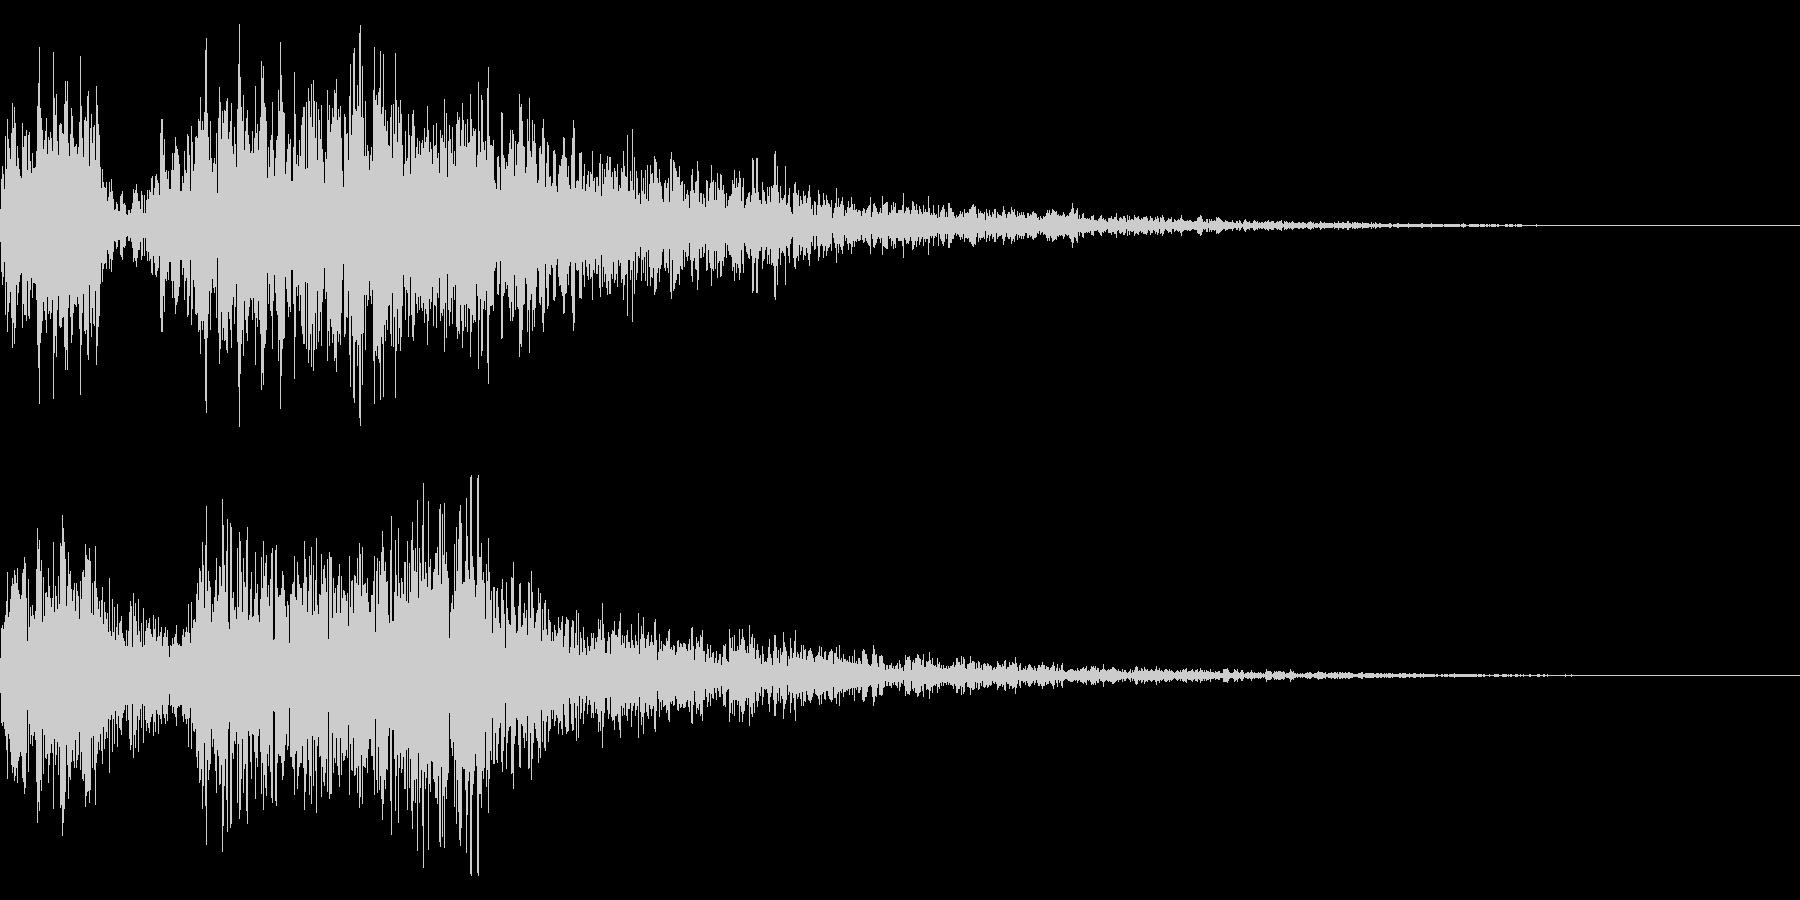 レトロ風な短めゲームオーバー音 ミス音の未再生の波形